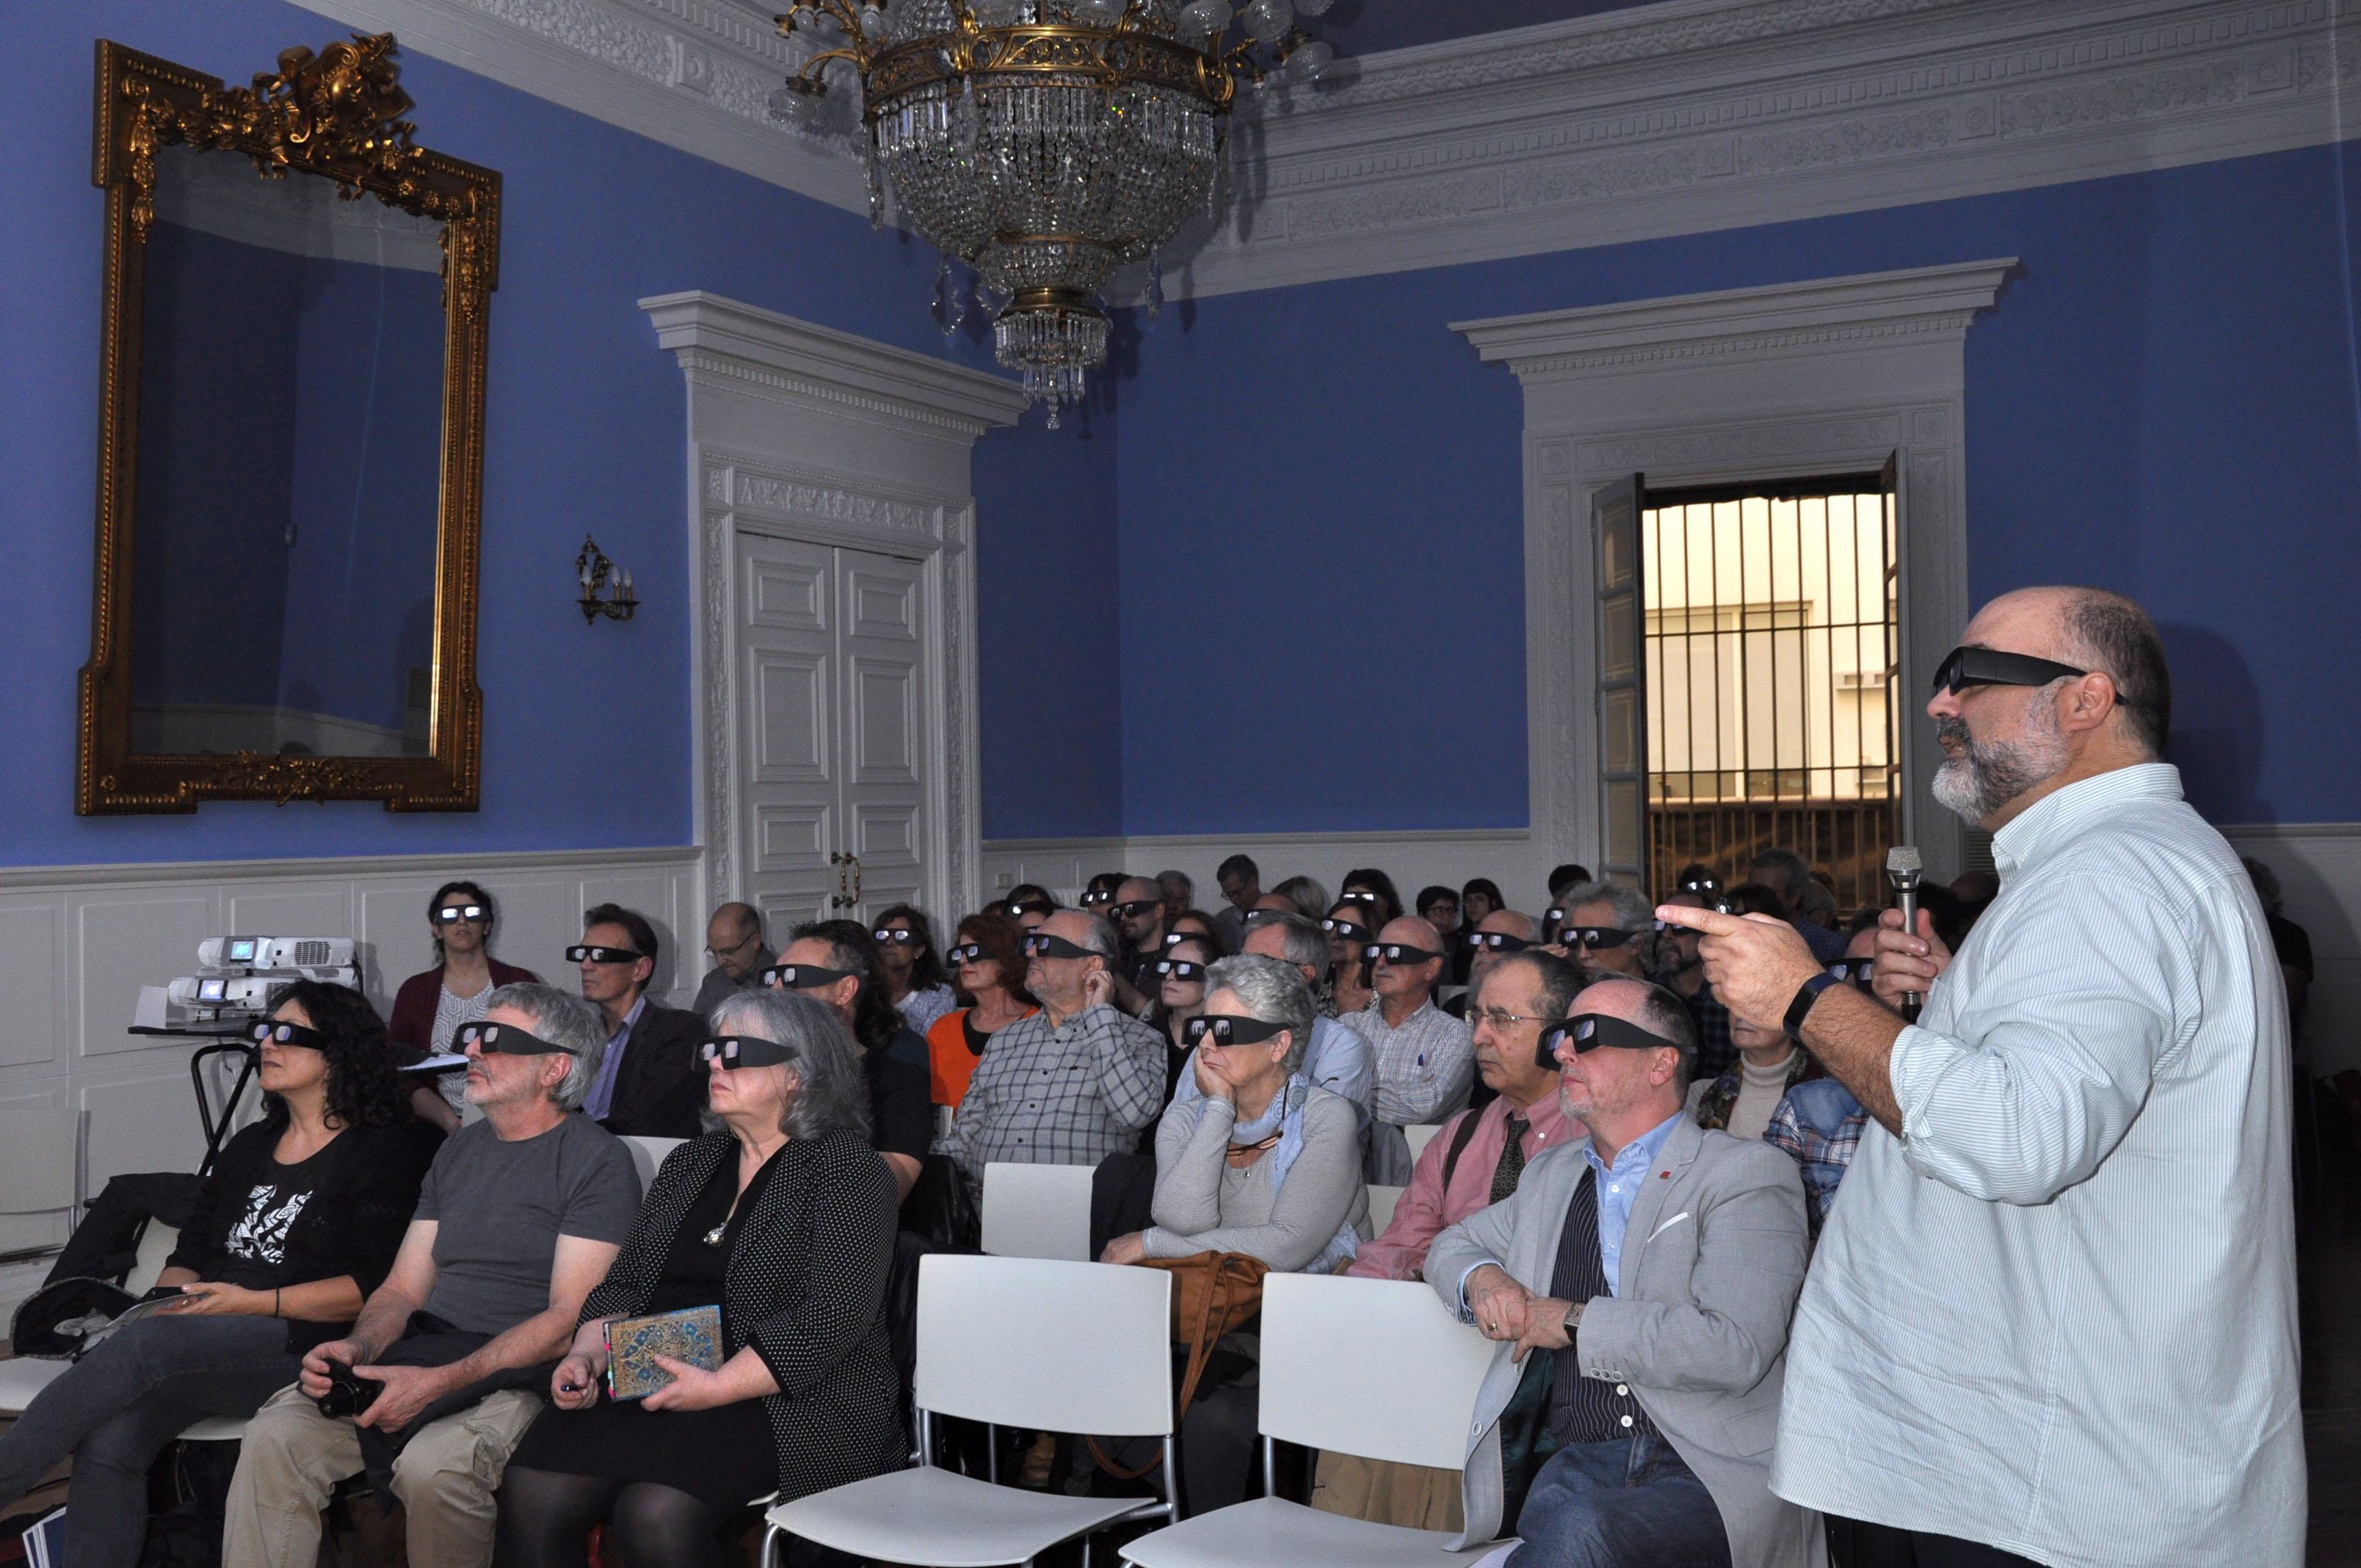 Ponencia y proyección 3D a cargo de J.A. Hernández Latas, Sala Azul, Palacio de Sástago, 24 de octubre de 2019